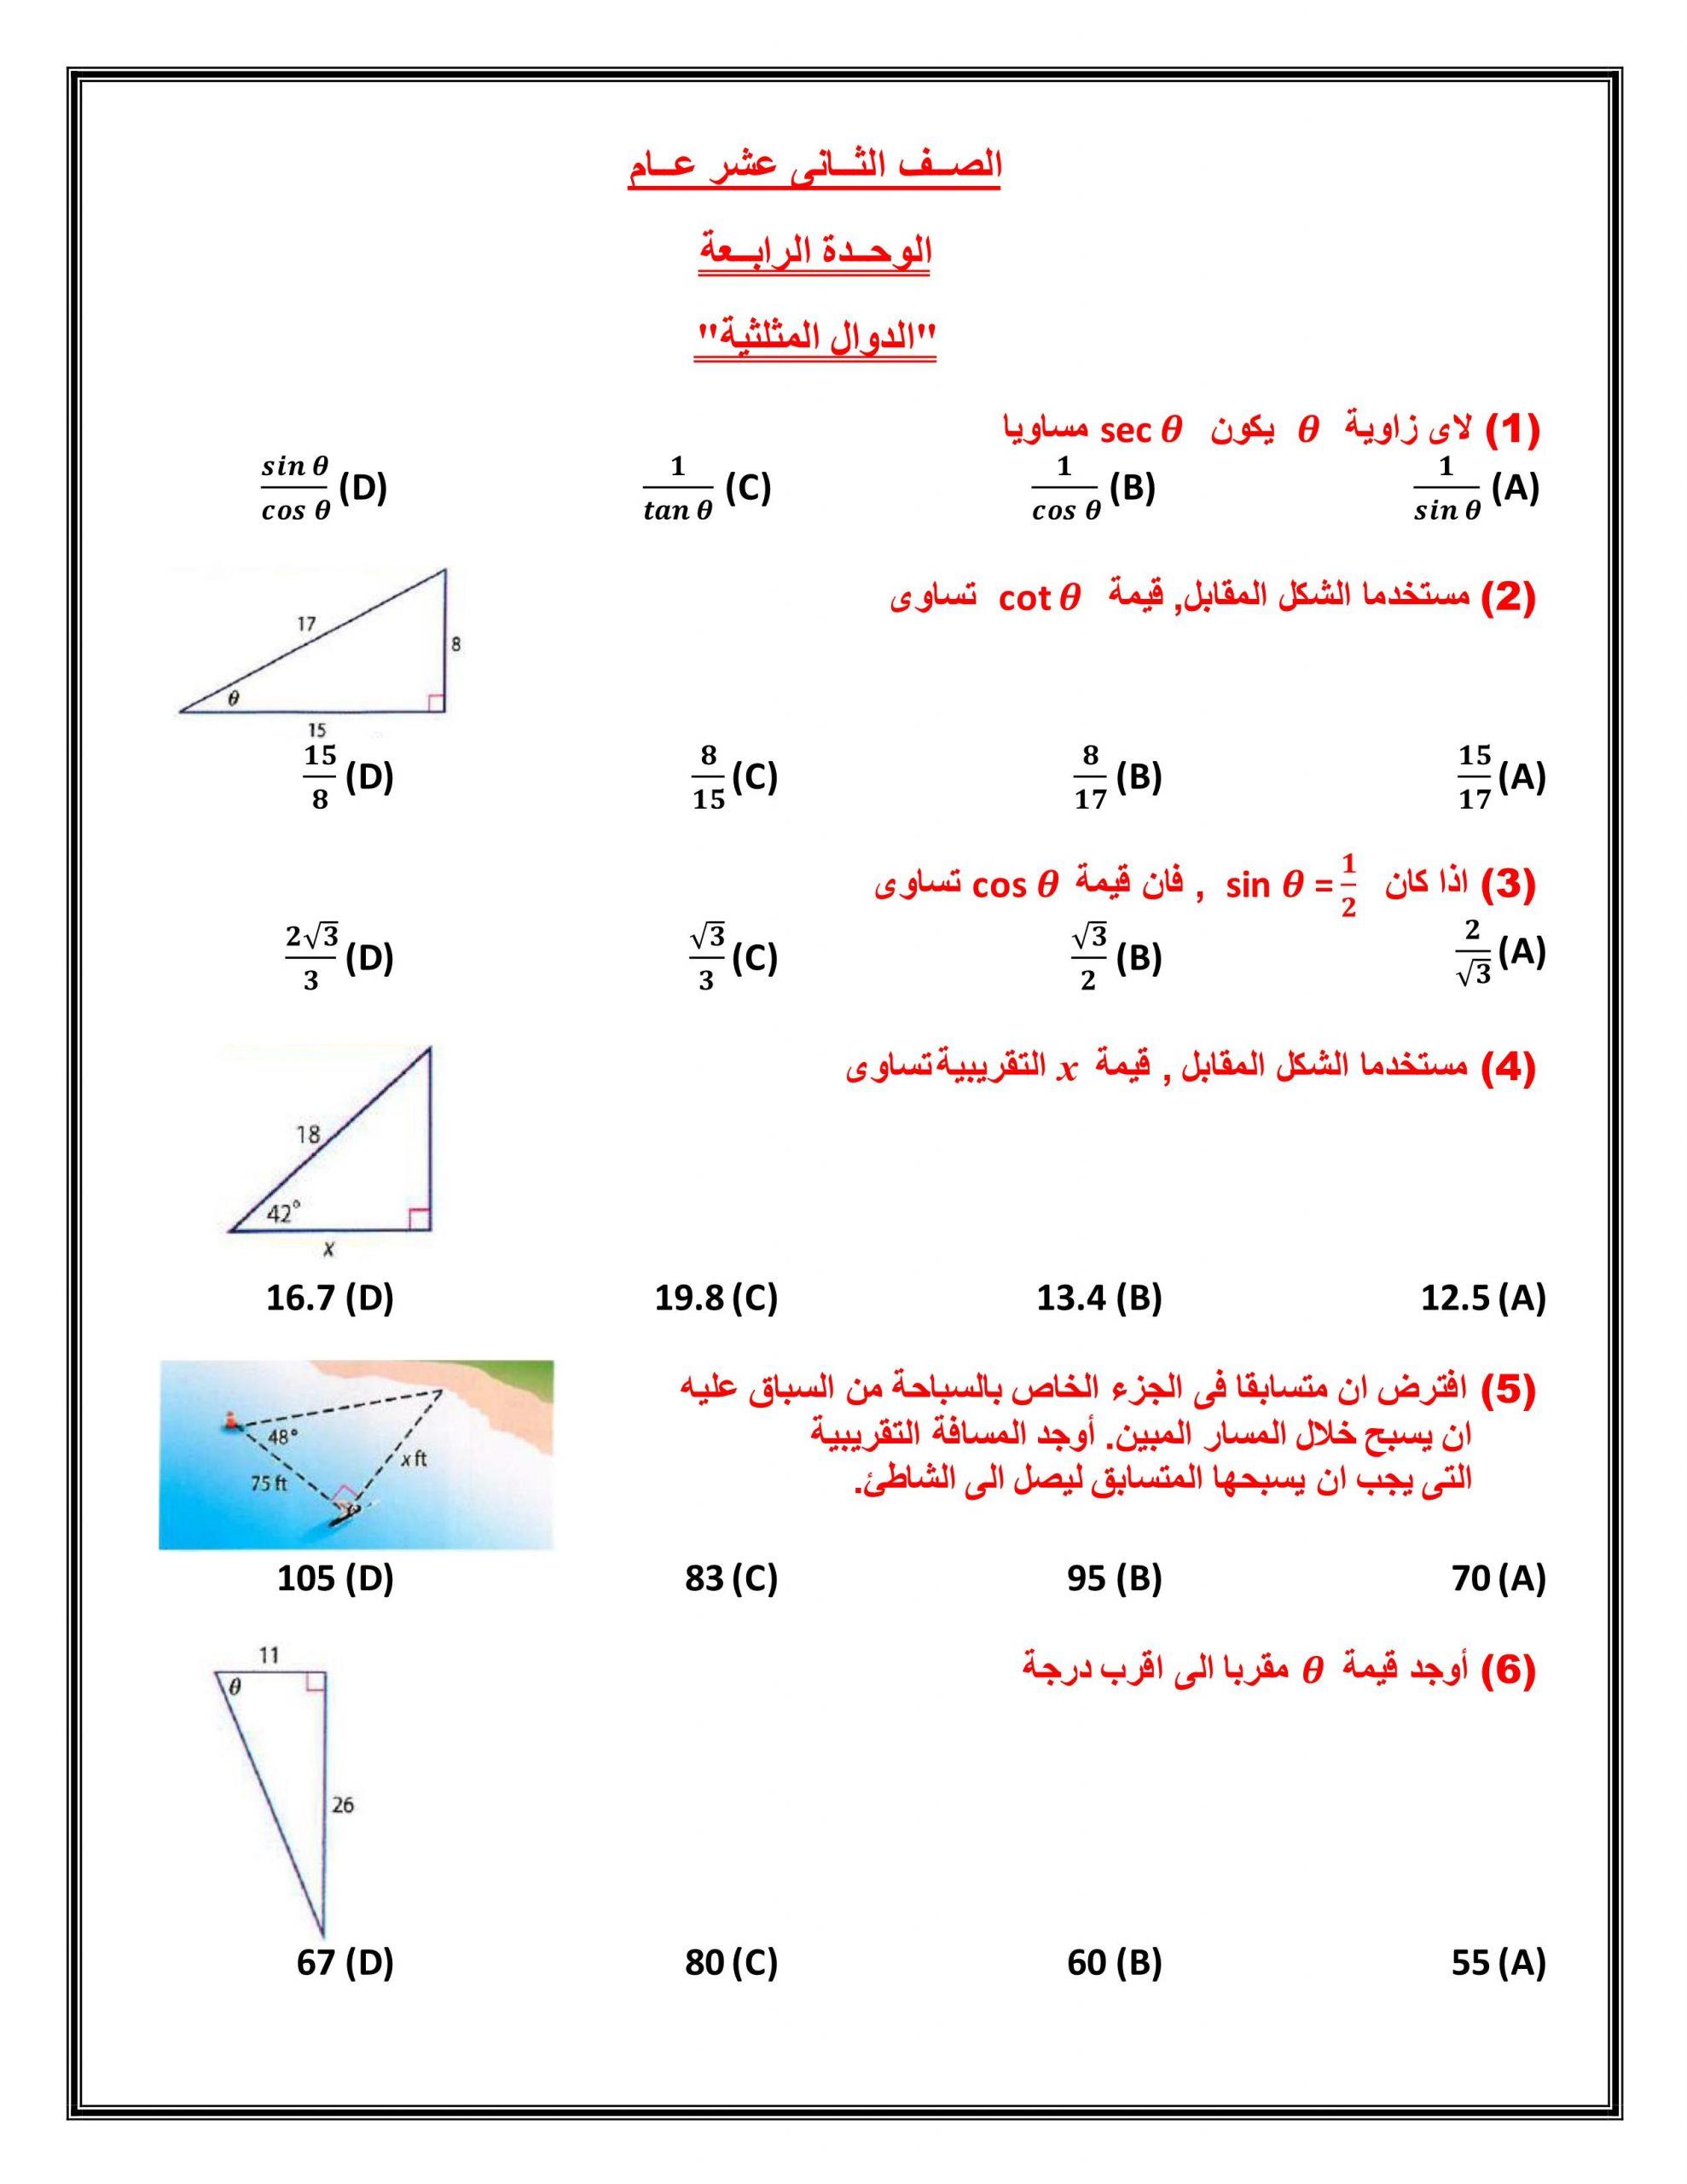 حل الدوال المثلثية الصف الثاني عشر عام مادة الرياضيات المتكاملة